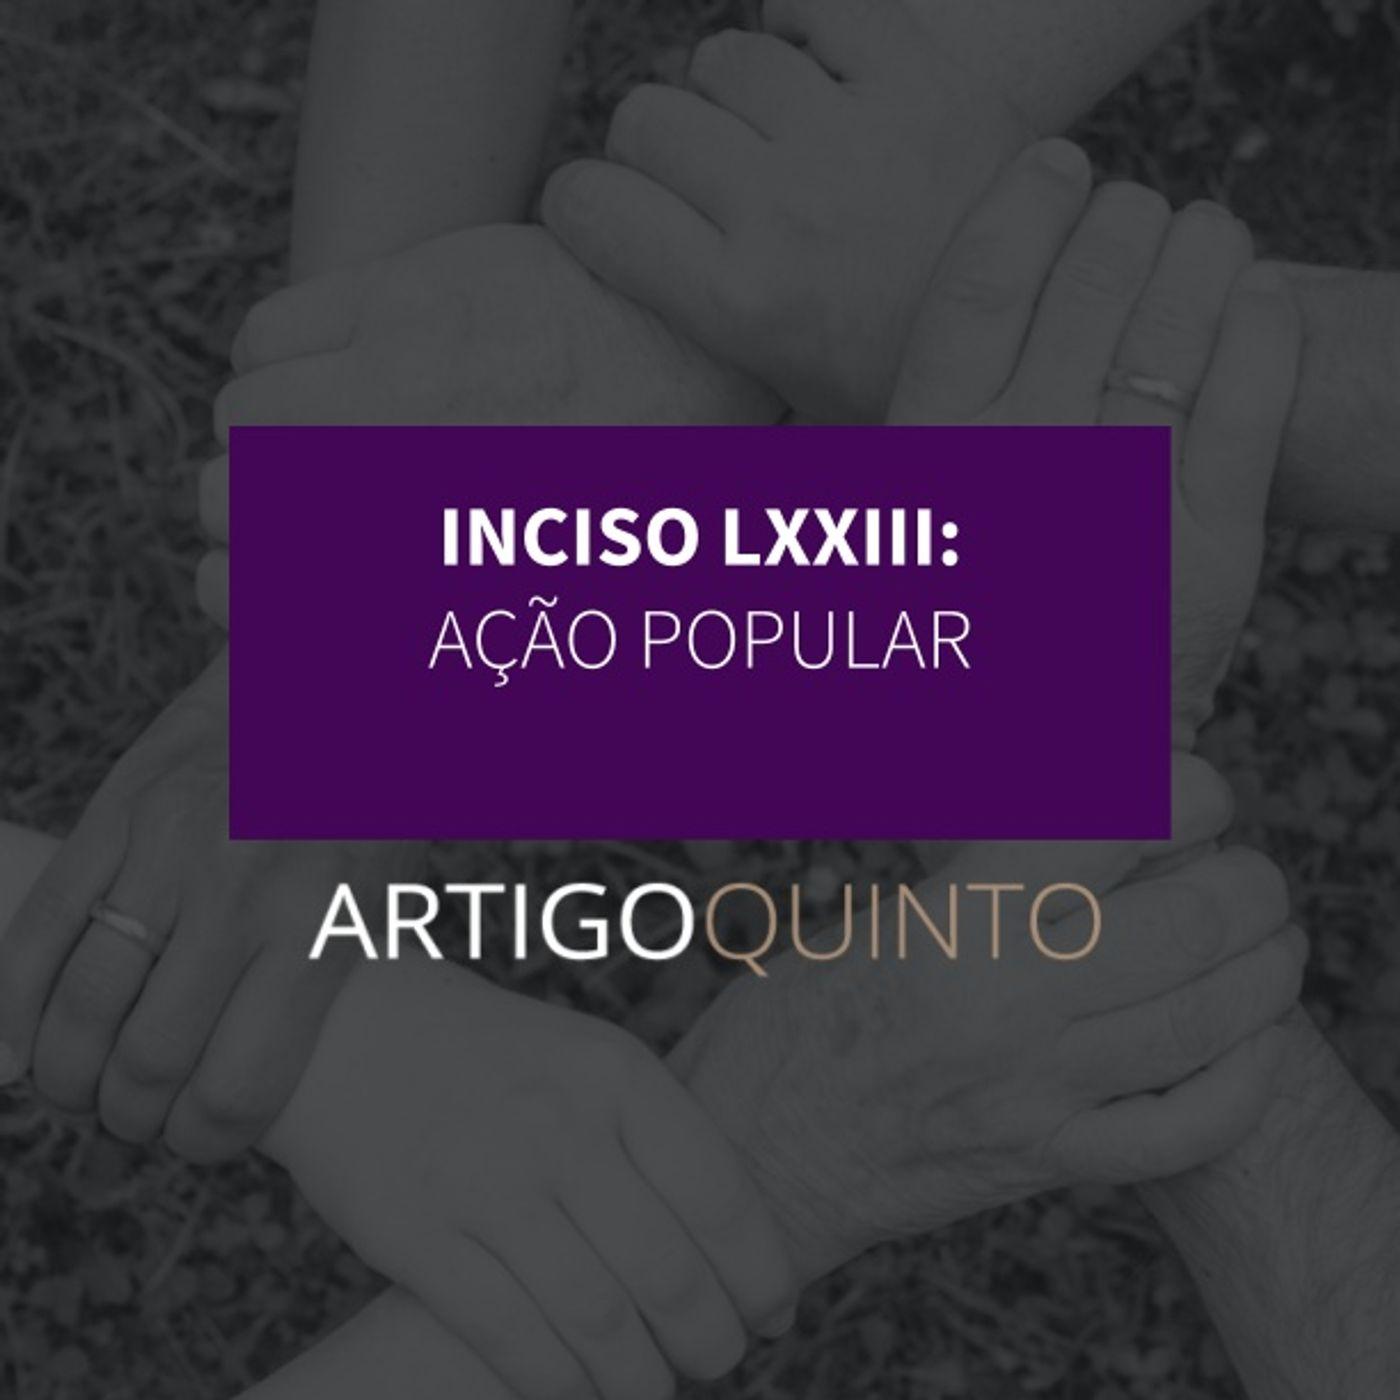 Inciso LXXIII - Ação popular